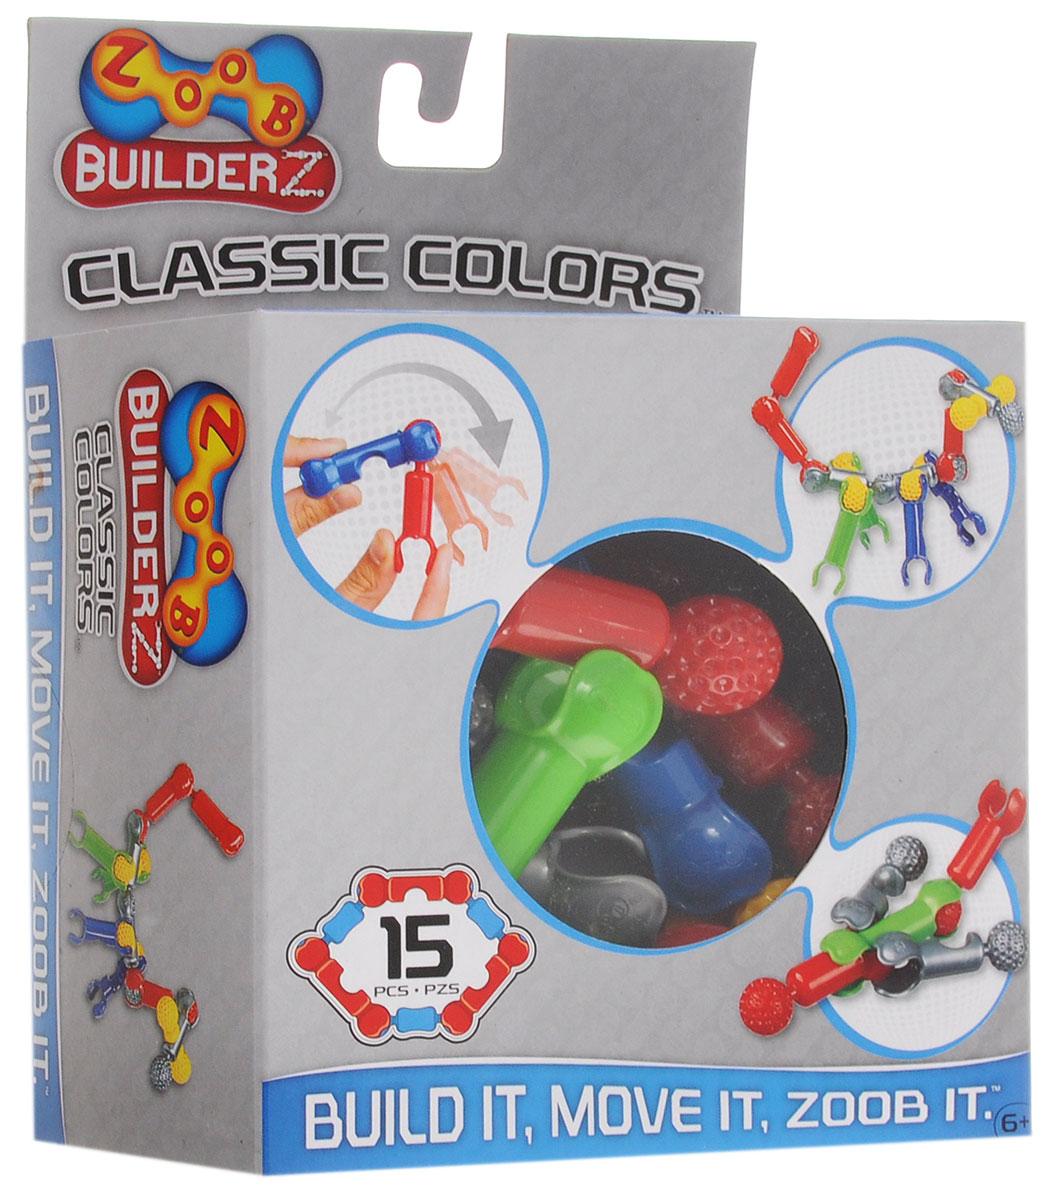 Zoob Конструктор Classic Colors 1101511015Пластиковый конструктор Zoob Classic Colors содержит немного деталей, поэтому подходит для первого знакомства с этими конструкторами. Конструктор Zoob Classic Colors также можно взять в дорогу, чтобы малышу было чем заниматься в самолете или поезде (такое количество деталей не займет много места, но позволяет построить небольшие интересные модели). Конструкторы Zoob рекомендованы детям с 6 лет. Данное возрастное ограничение основано на том, что пространственное мышление у ребенка, по мнению специалистов, начинает развиваться именно с этого возраста. Во всех наборах Zoob содержатся 5 видов пластиковых деталей необычной формы. Они соединяются между собой 20-ю различными способами. Соединения деталей могут быть как неподвижными, так и подвижными. При подвижном соединении детали конструктора, защелкиваясь, образуют подобие суставов. Поэтому ребенок может не только собирать конструктор, но играть с ним после, как с обычной игрушкой. Собирать можно все, что угодно....